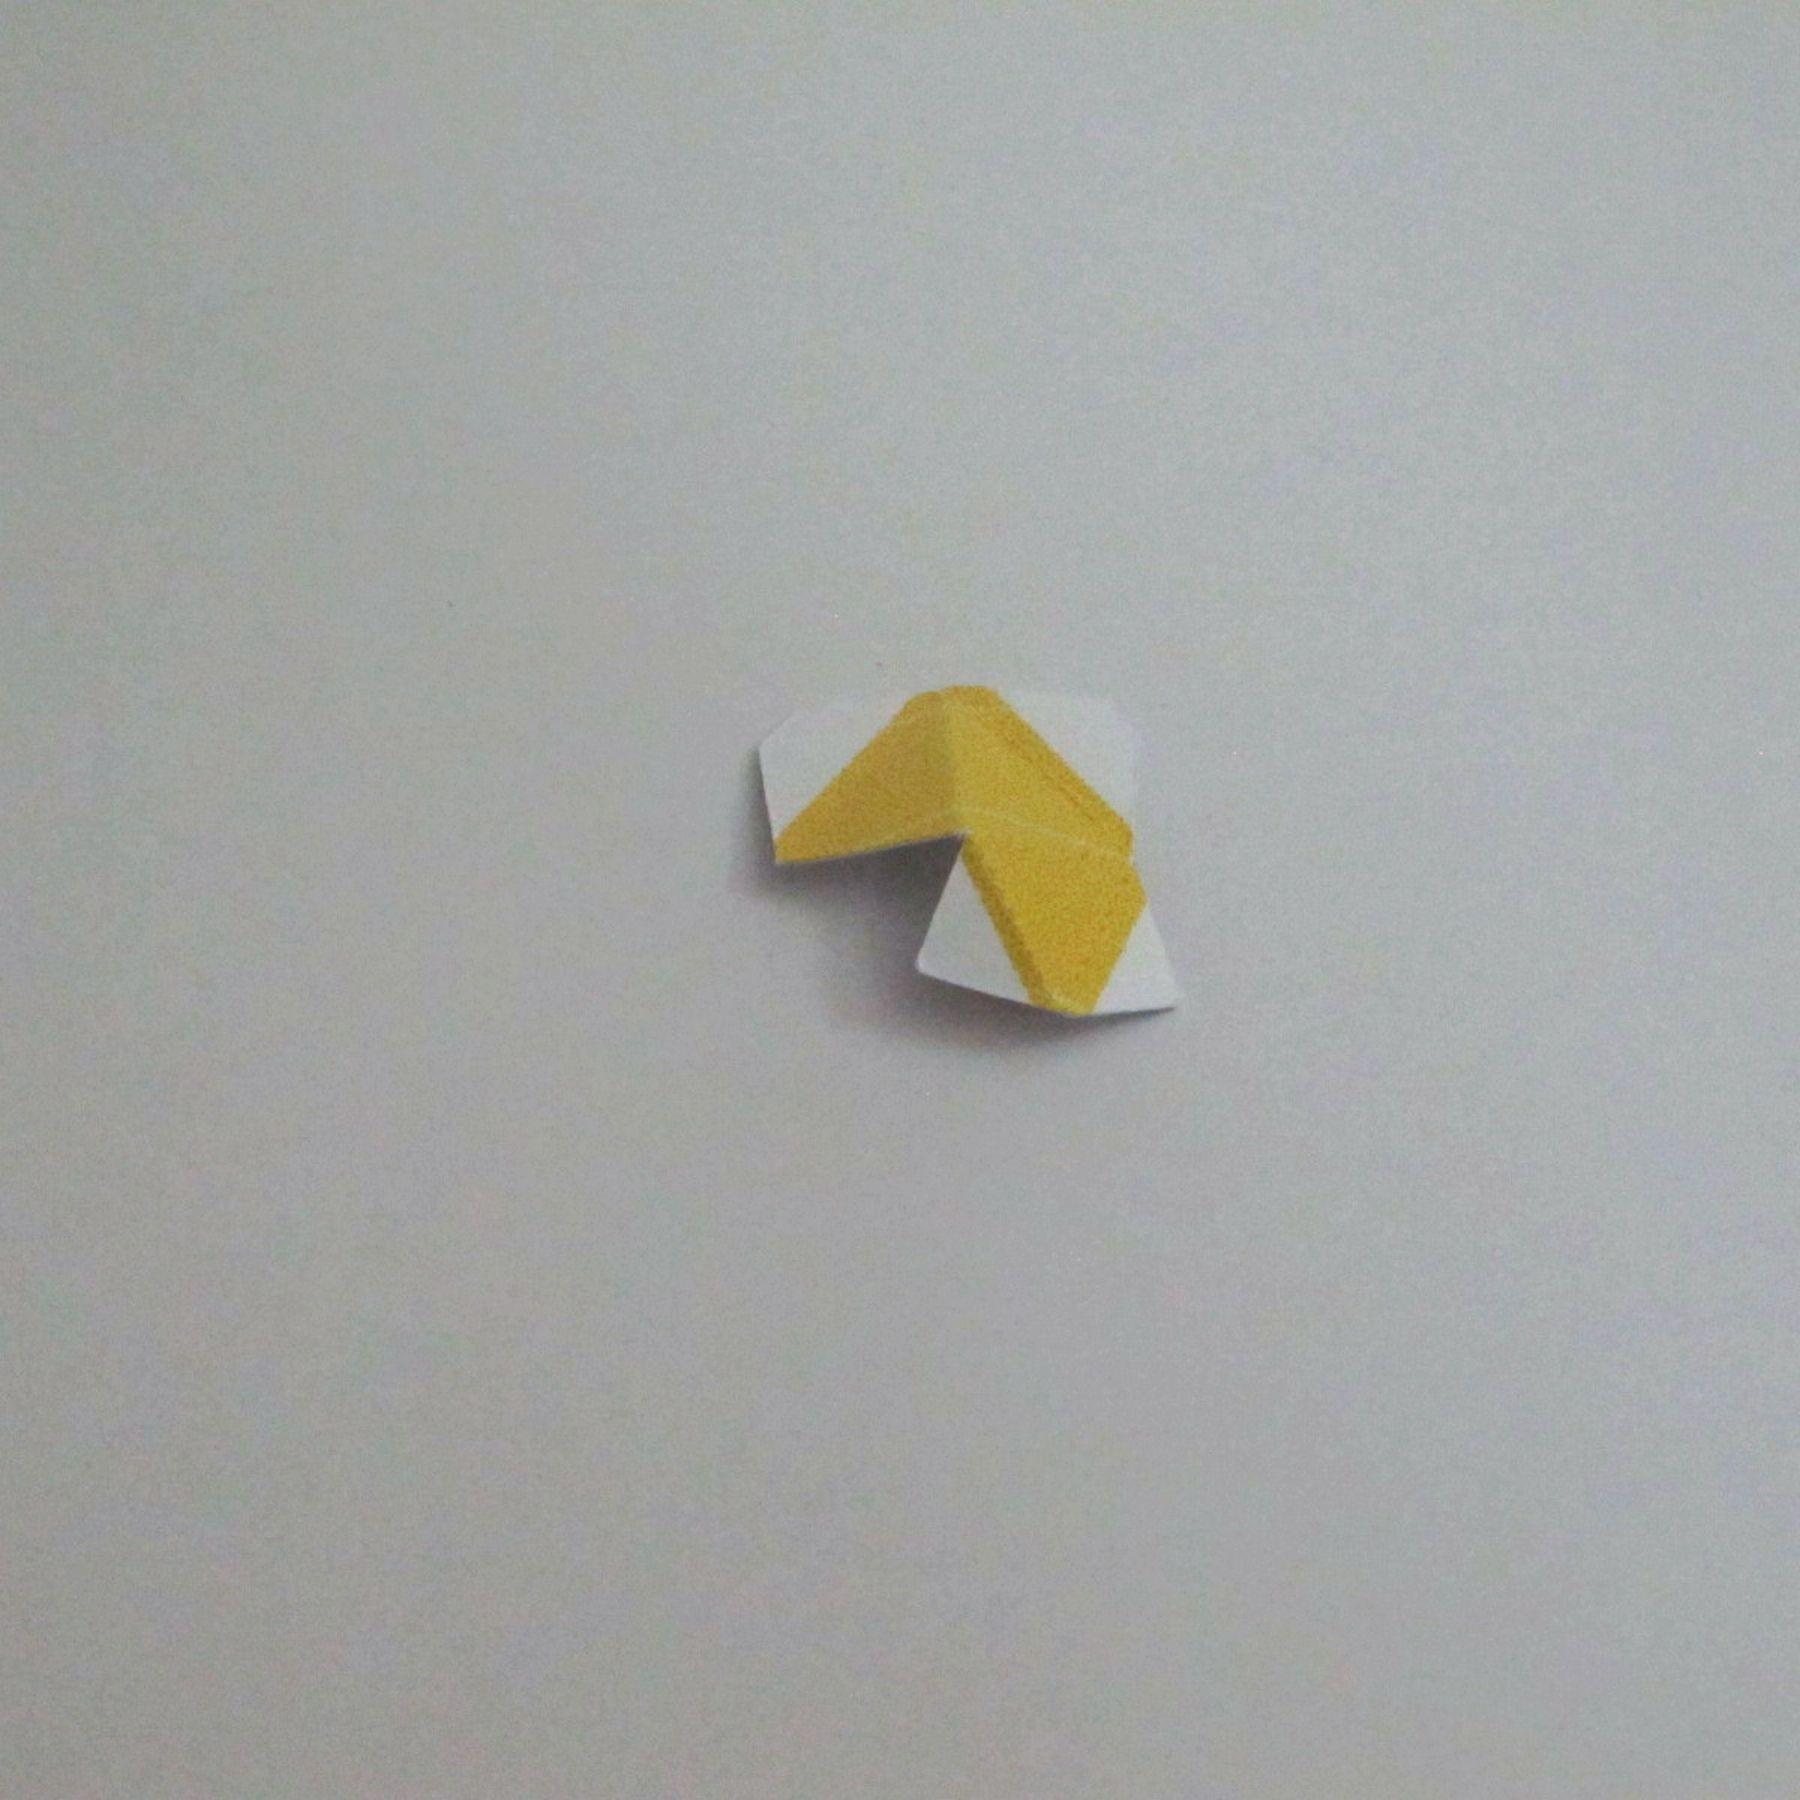 วิธีทำของเล่นโมเดลกระดาษ วูฟเวอรีน (Chibi Wolverine Papercraft Model) 011